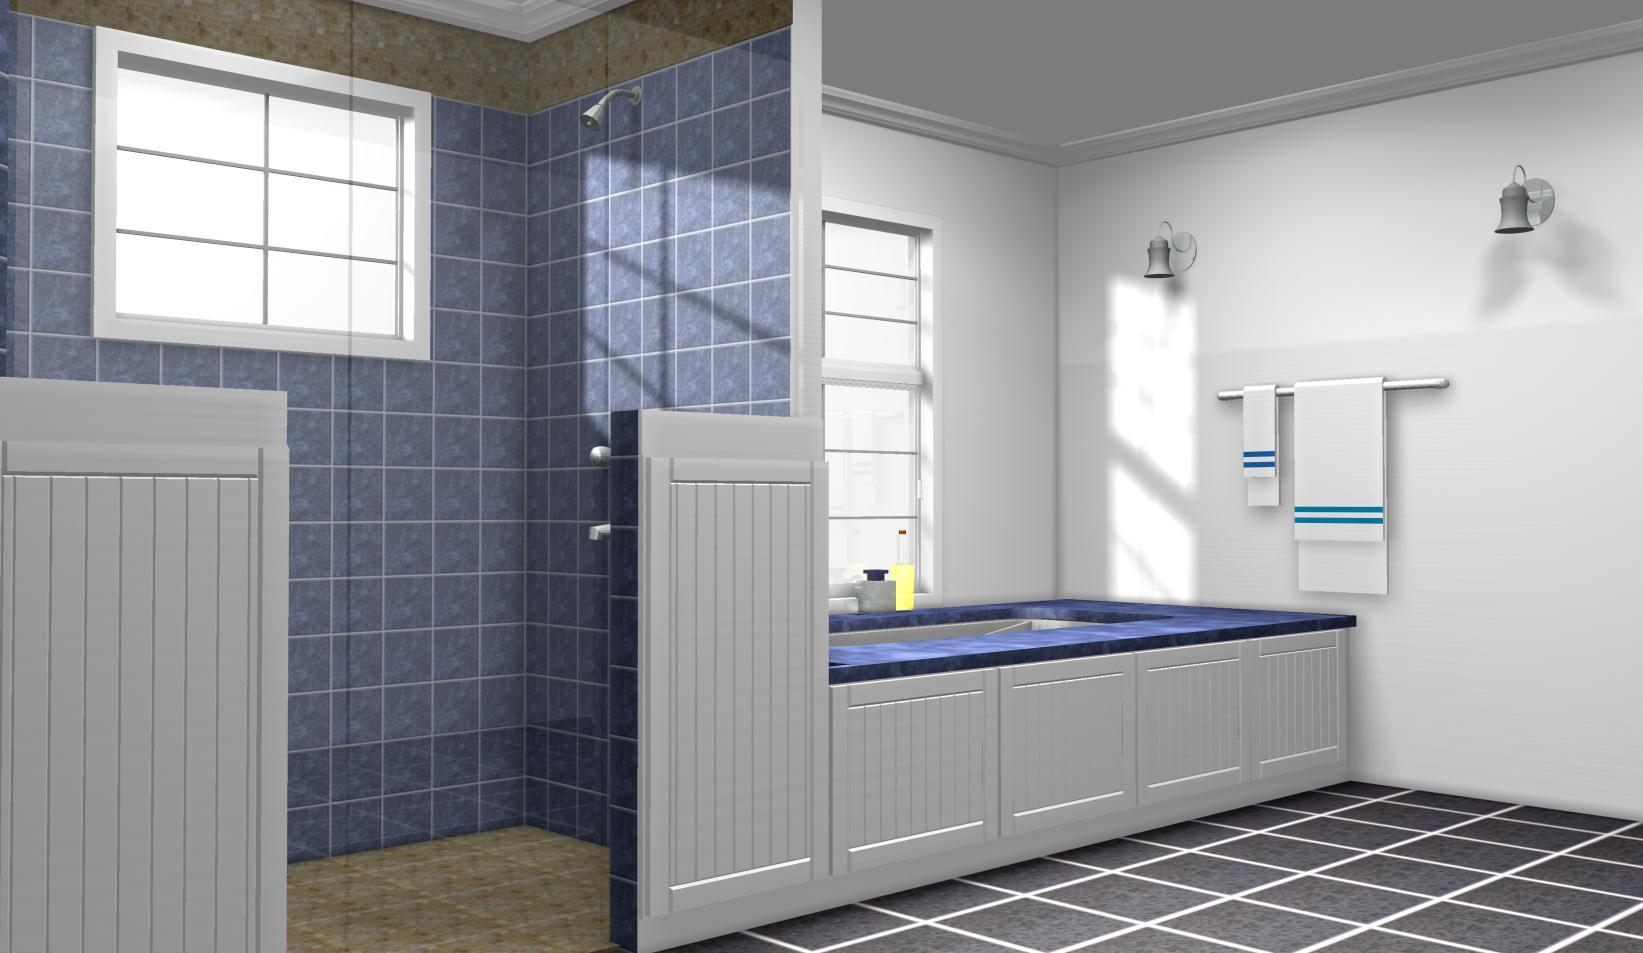 Ikea Baths: Using Door Panels to match your Ikea Vanity